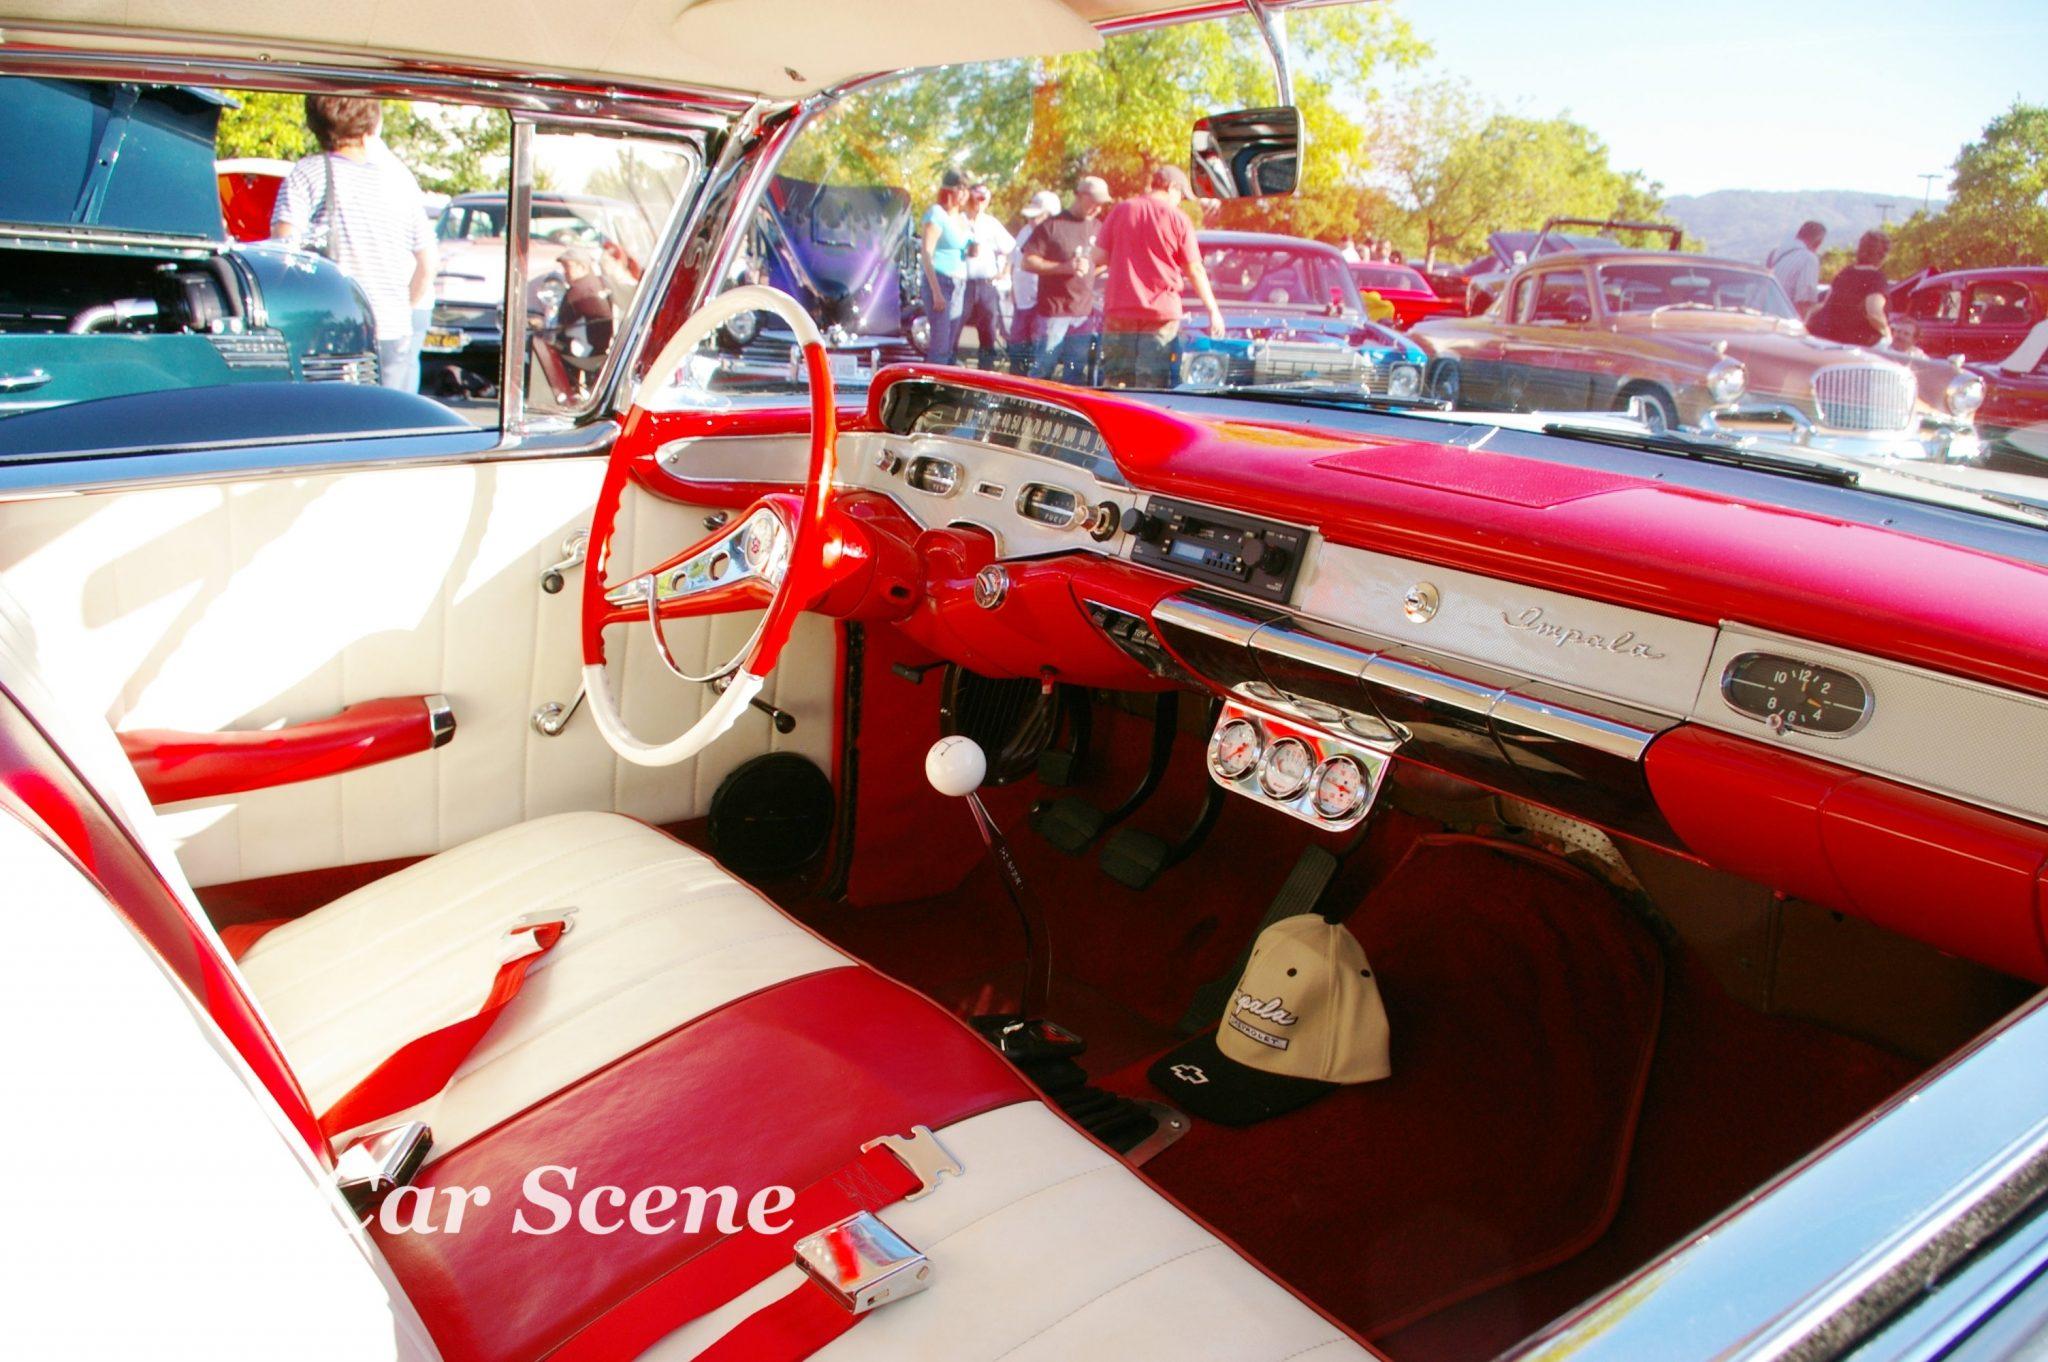 1958 Chevrolet Impala 2 door hardtop cockpit view